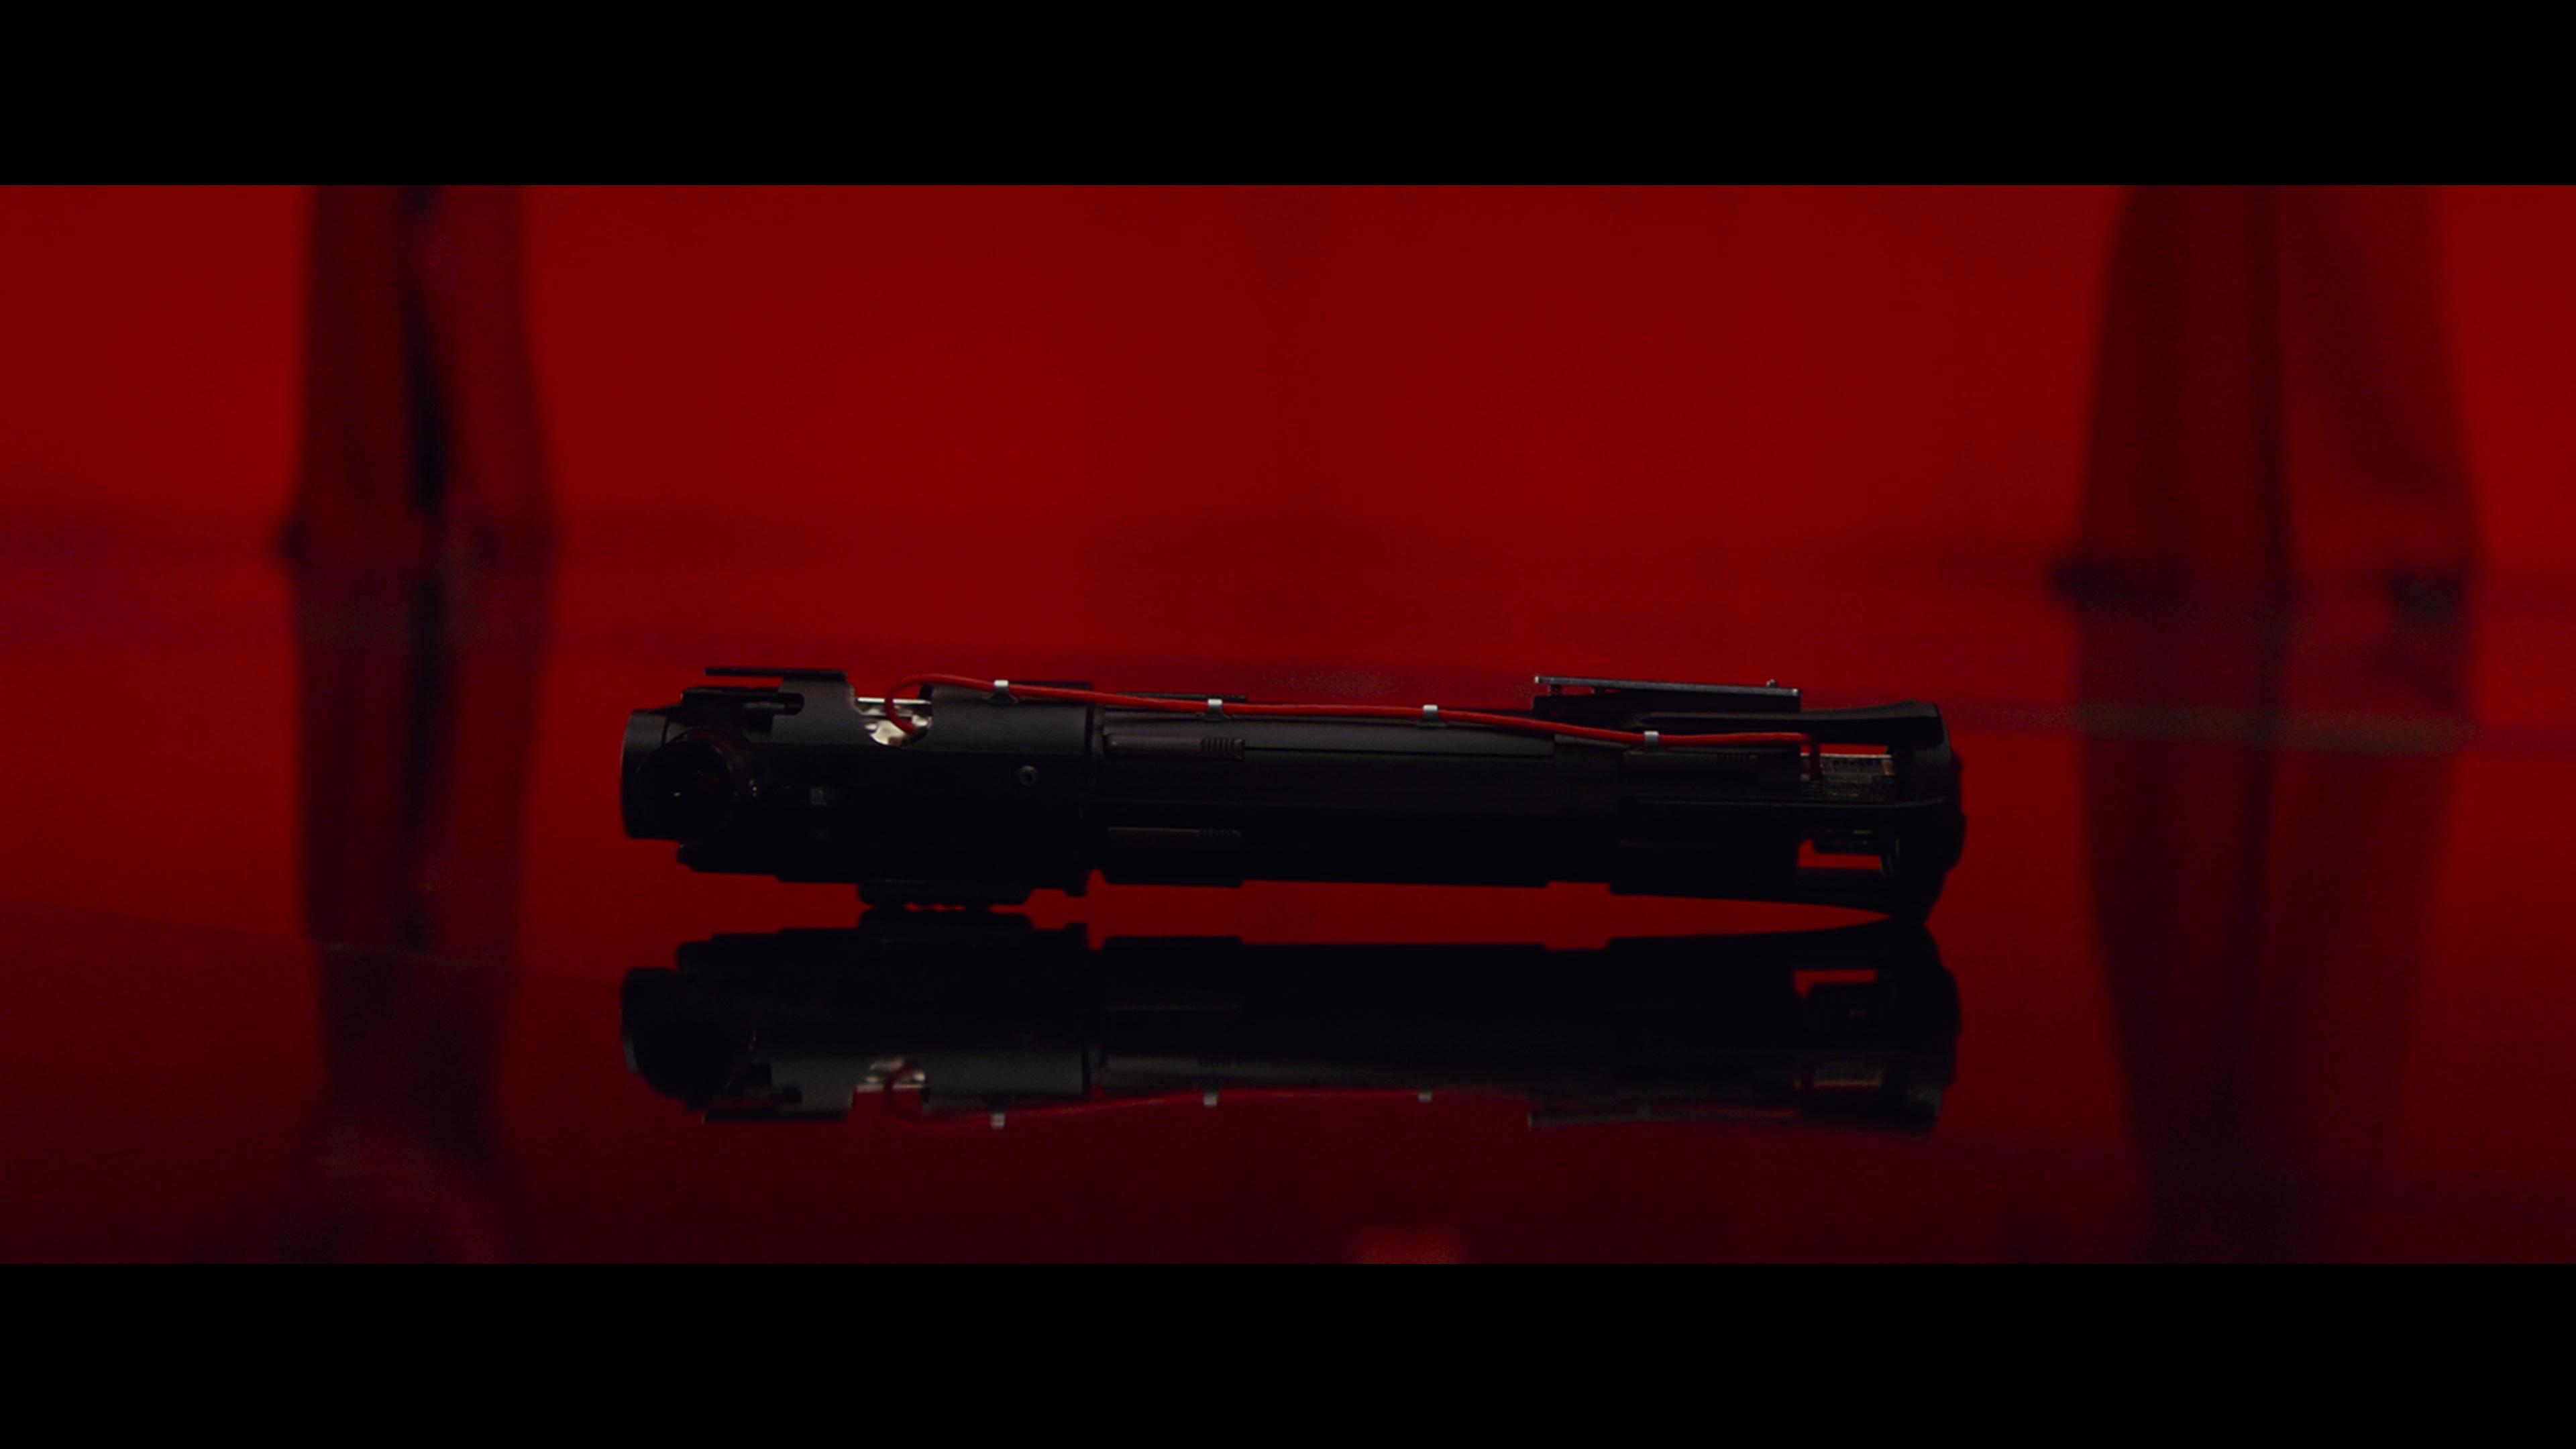 Star Wars The Last Jedi movies lightsaber Kylo Ren Star Wars